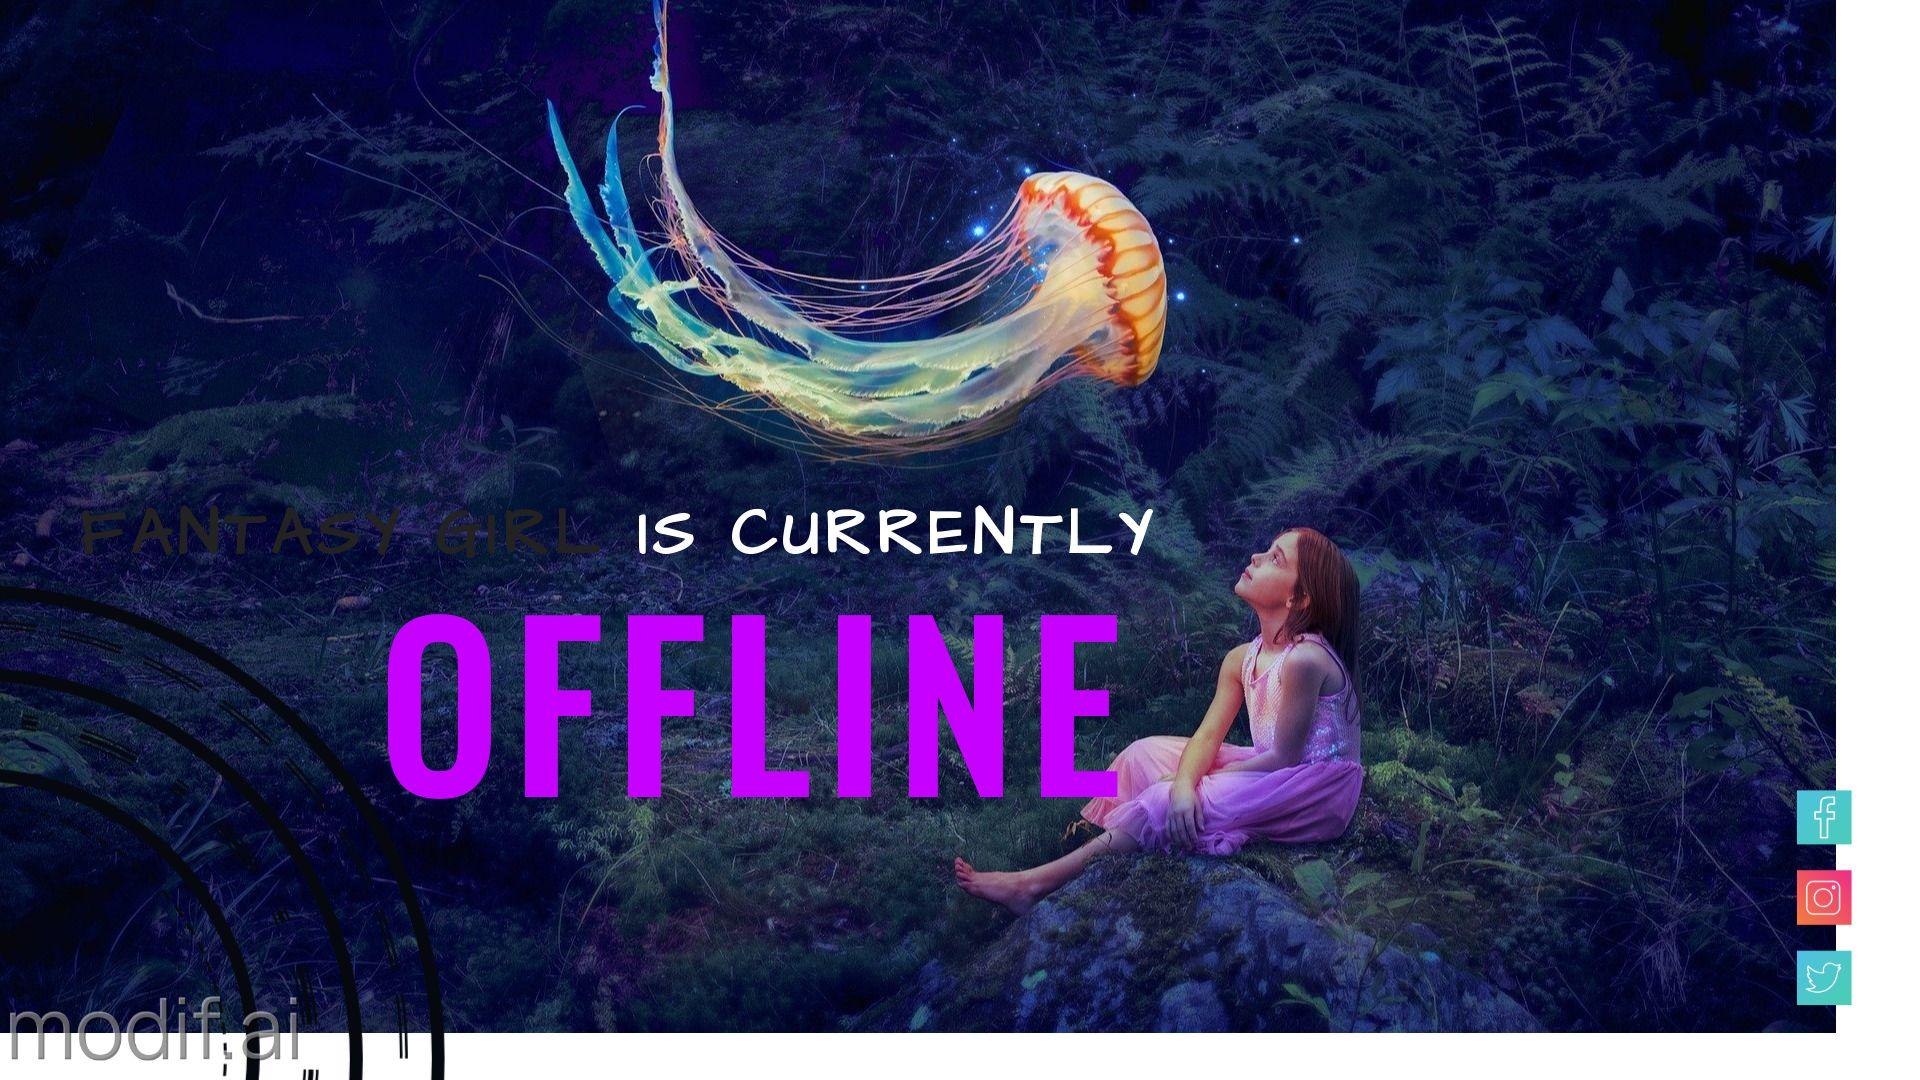 Fantasy Twitch Offline Banner Design